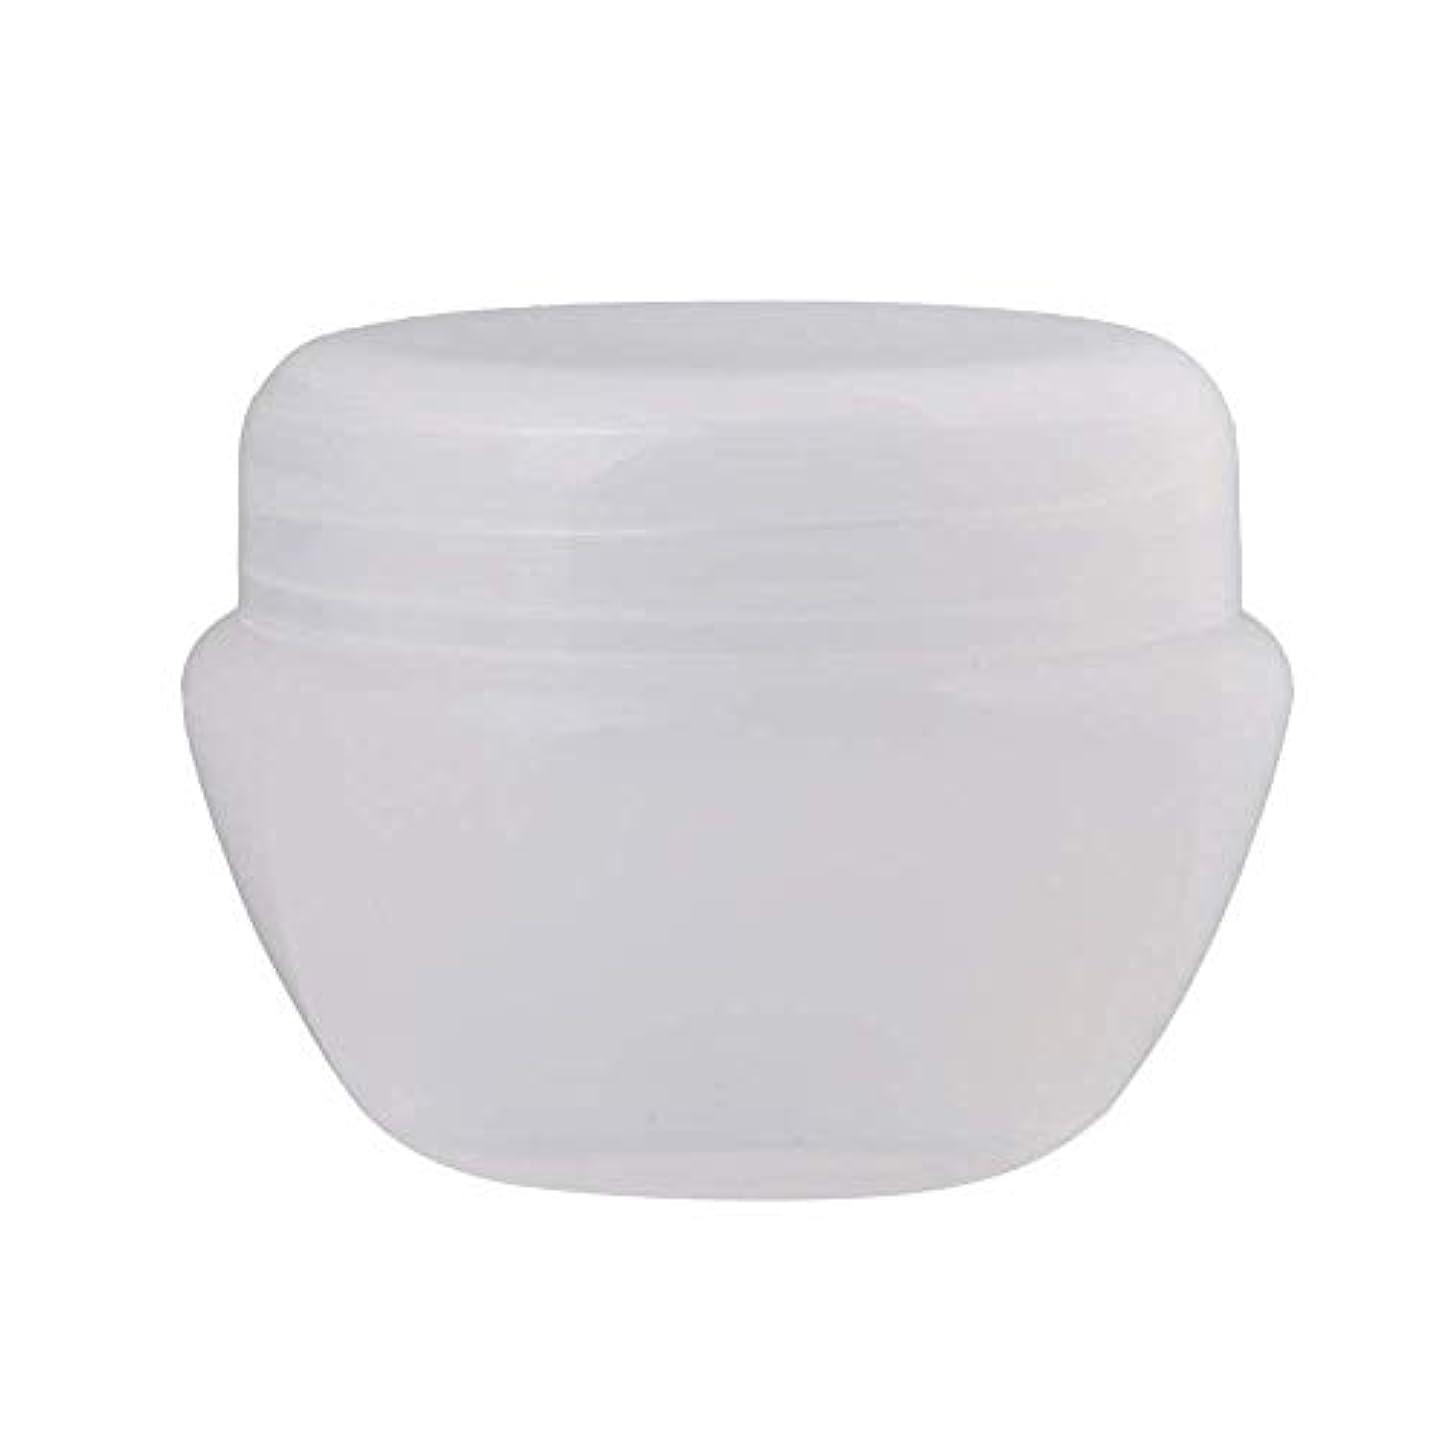 ウェイド封筒のみDiystyle 20個入 5g クリームケース 空ポット 化粧品用 詰替え 空容器 旅行用品 ホワイト